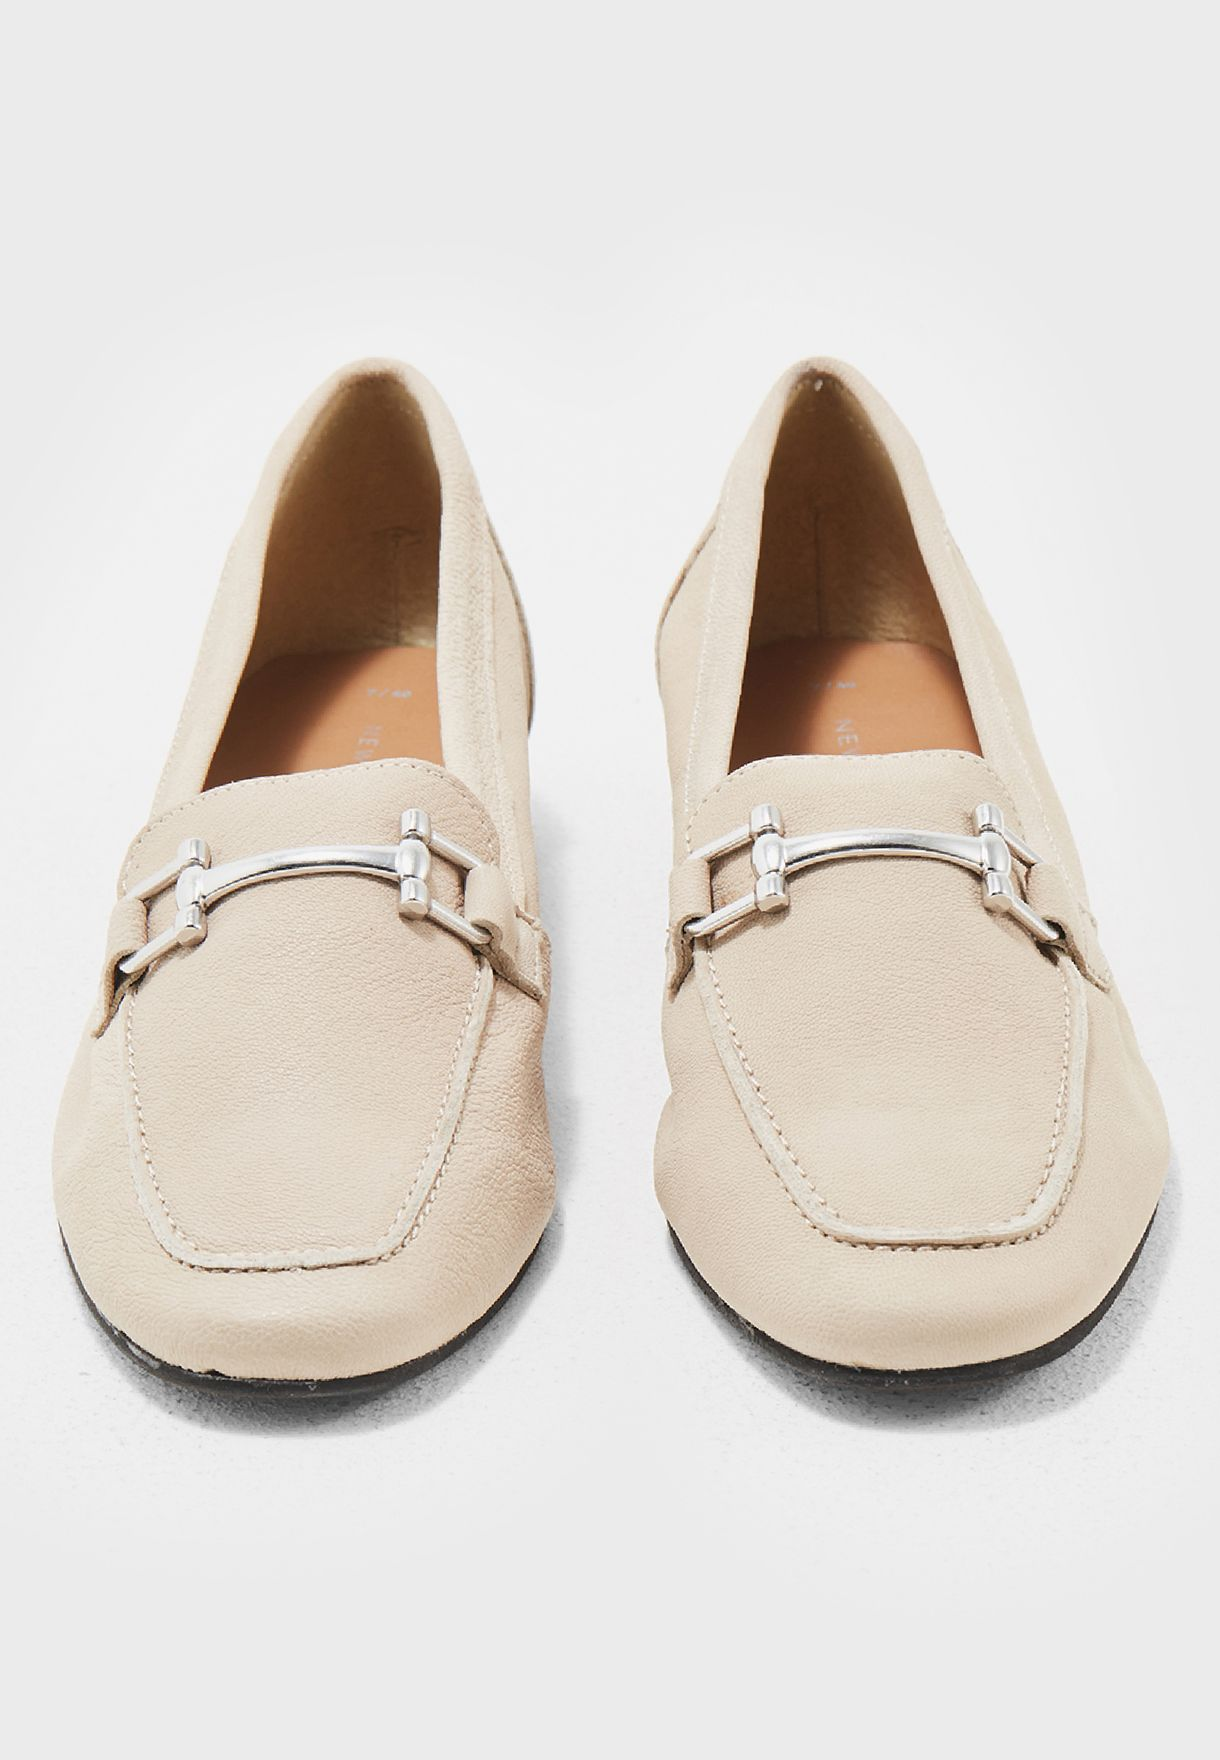 حذاء مزين بجزء معدني